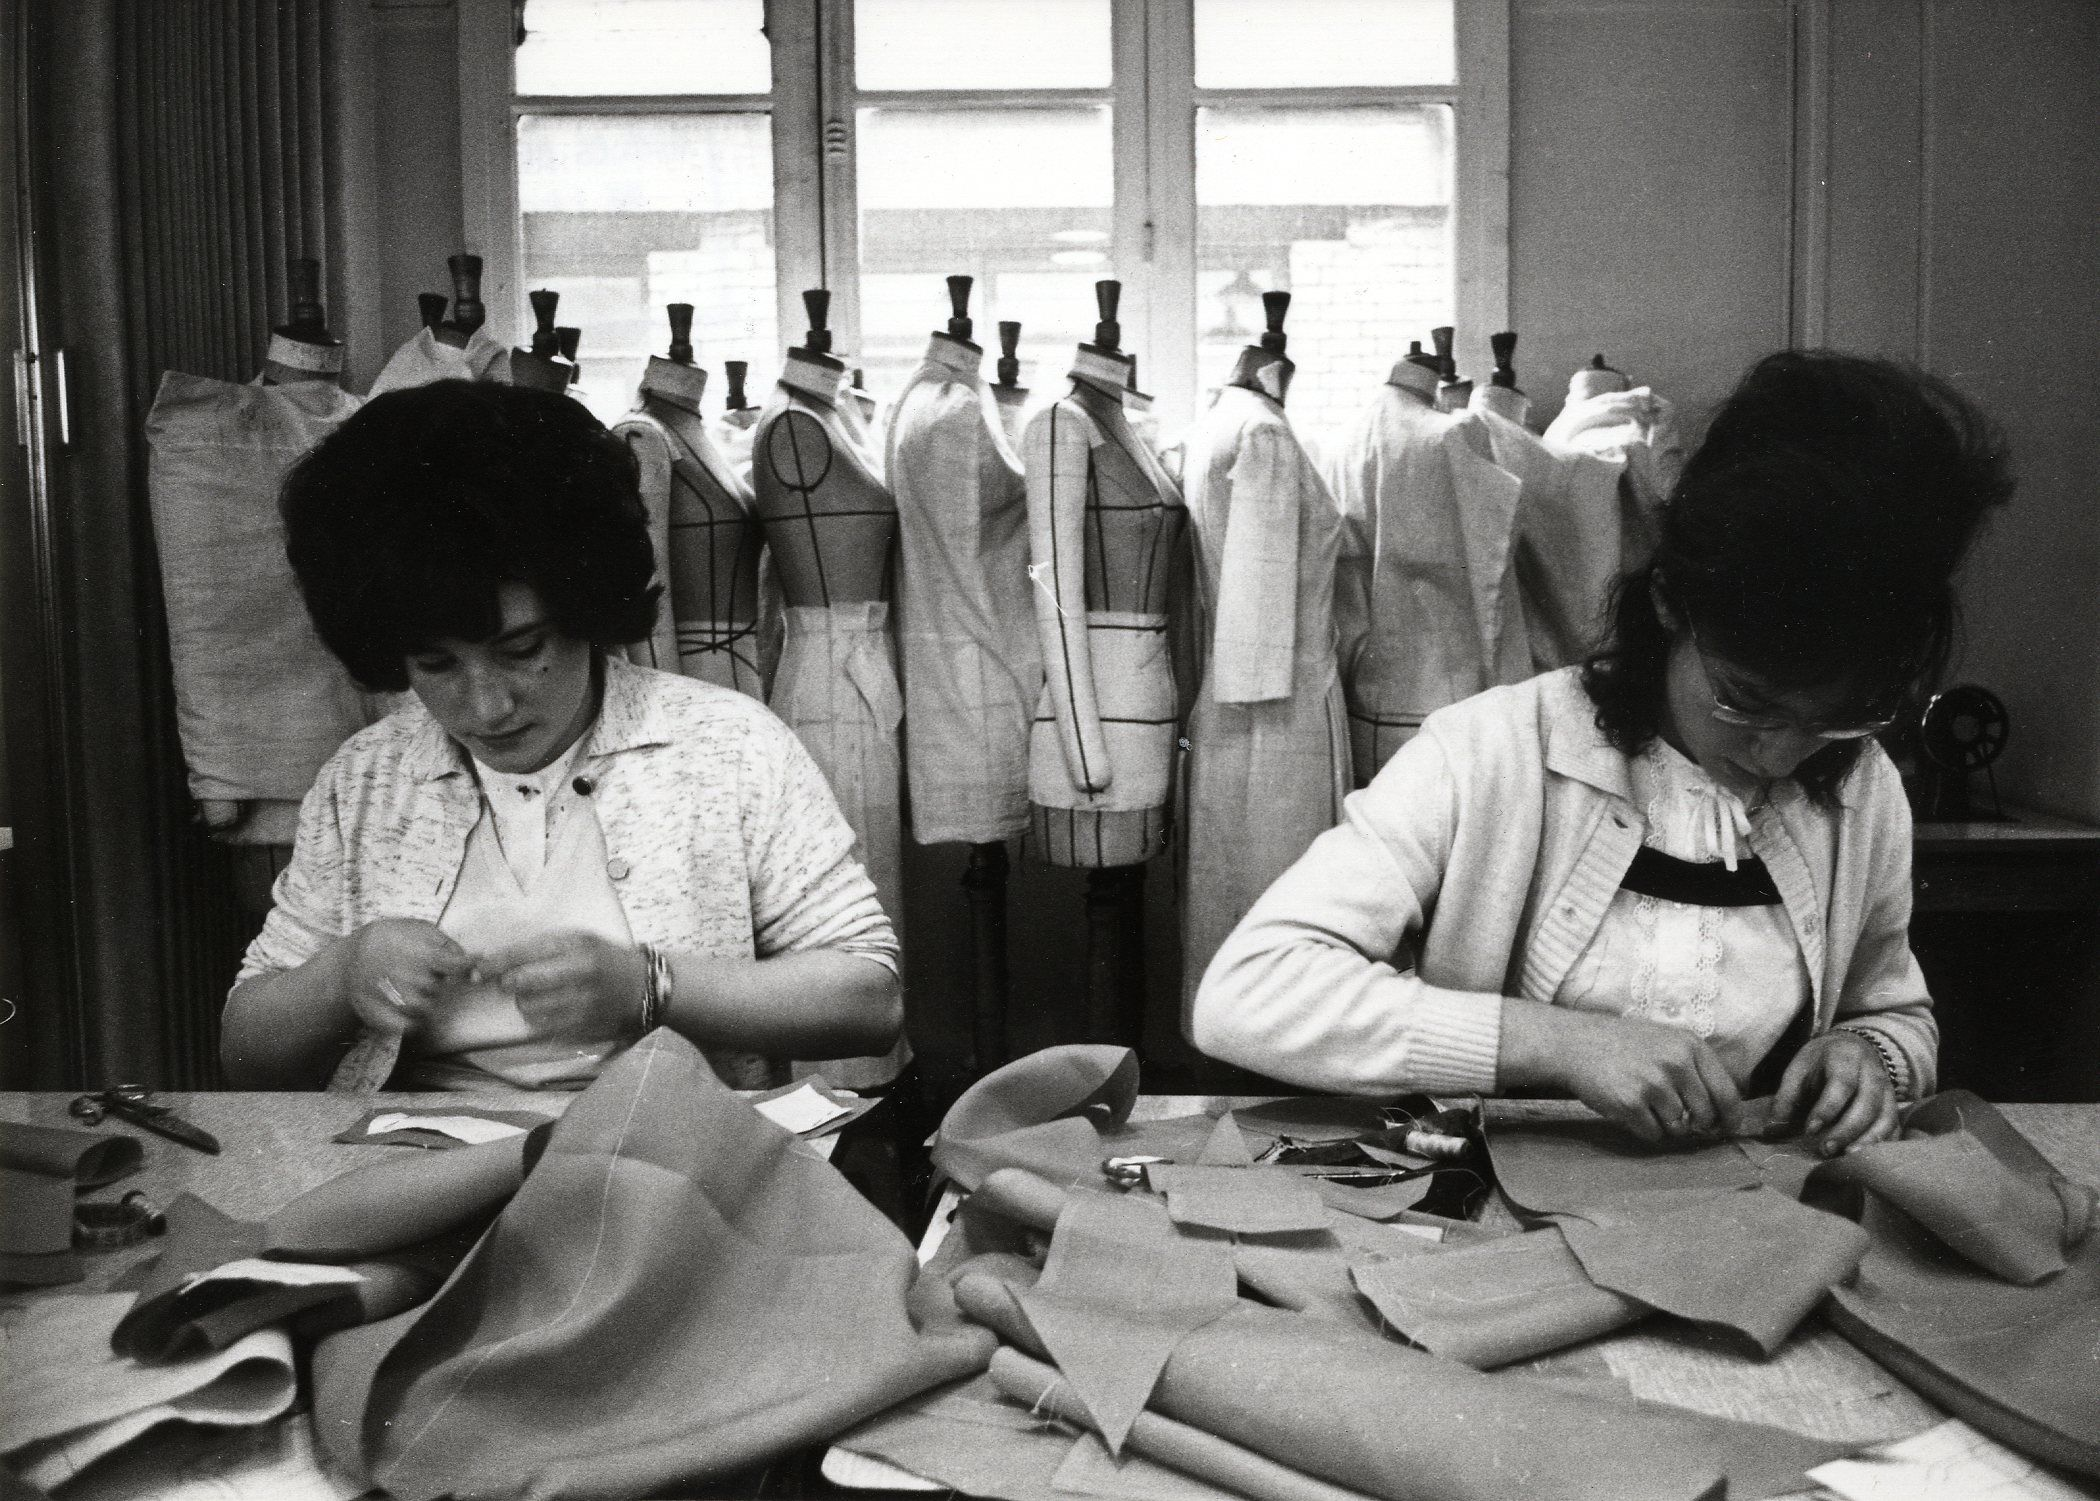 Epingle Par La Mode A Travers Les Siecles Sur Ateliers De Haute Couture Couture Parisienne Ecole De Mode Atelier De Couture